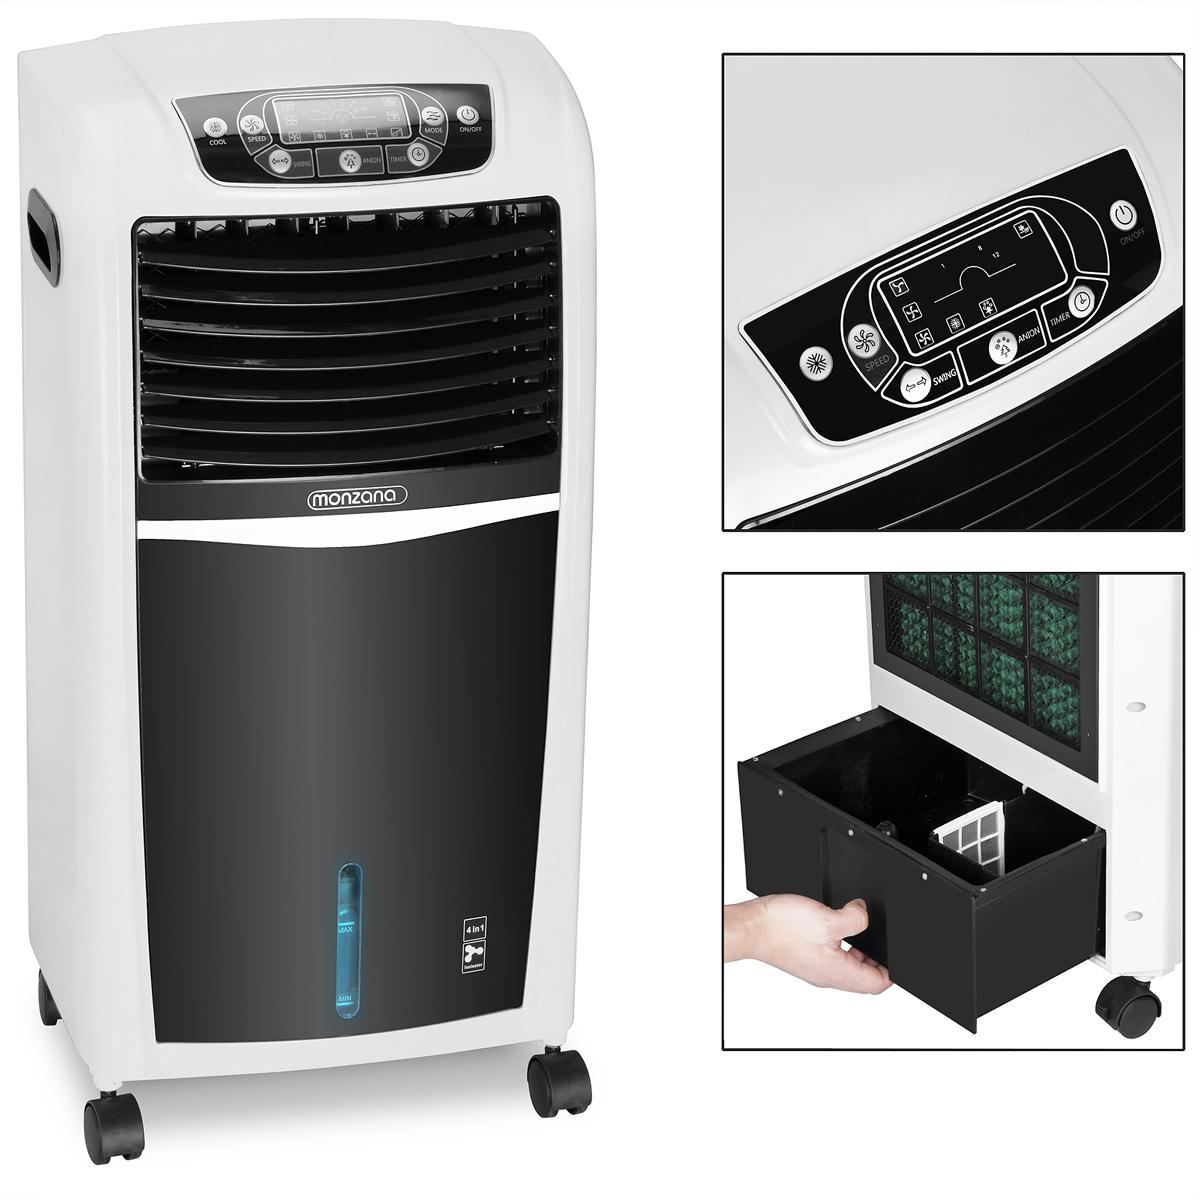 Treu Mini Klimaanlage Klimagerät Luftbefeuchtung Turmventilator Mobil Fernbedienung Stand- & Tischventilatoren